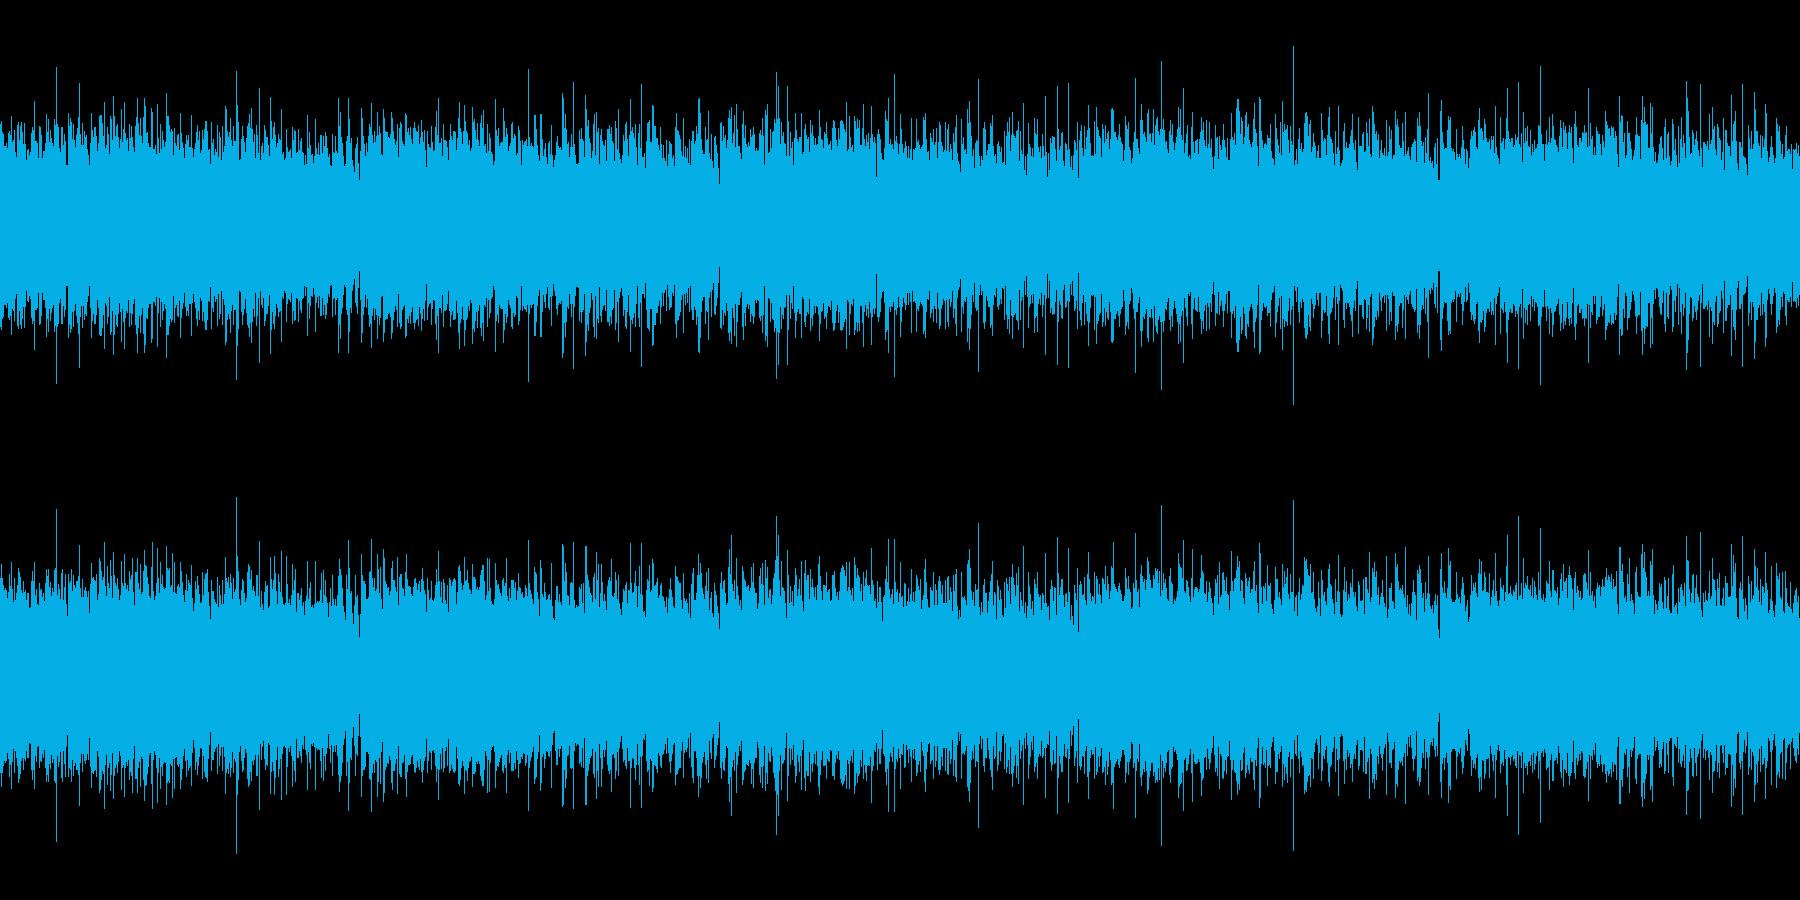 アコースティックギターのアルペジオの再生済みの波形